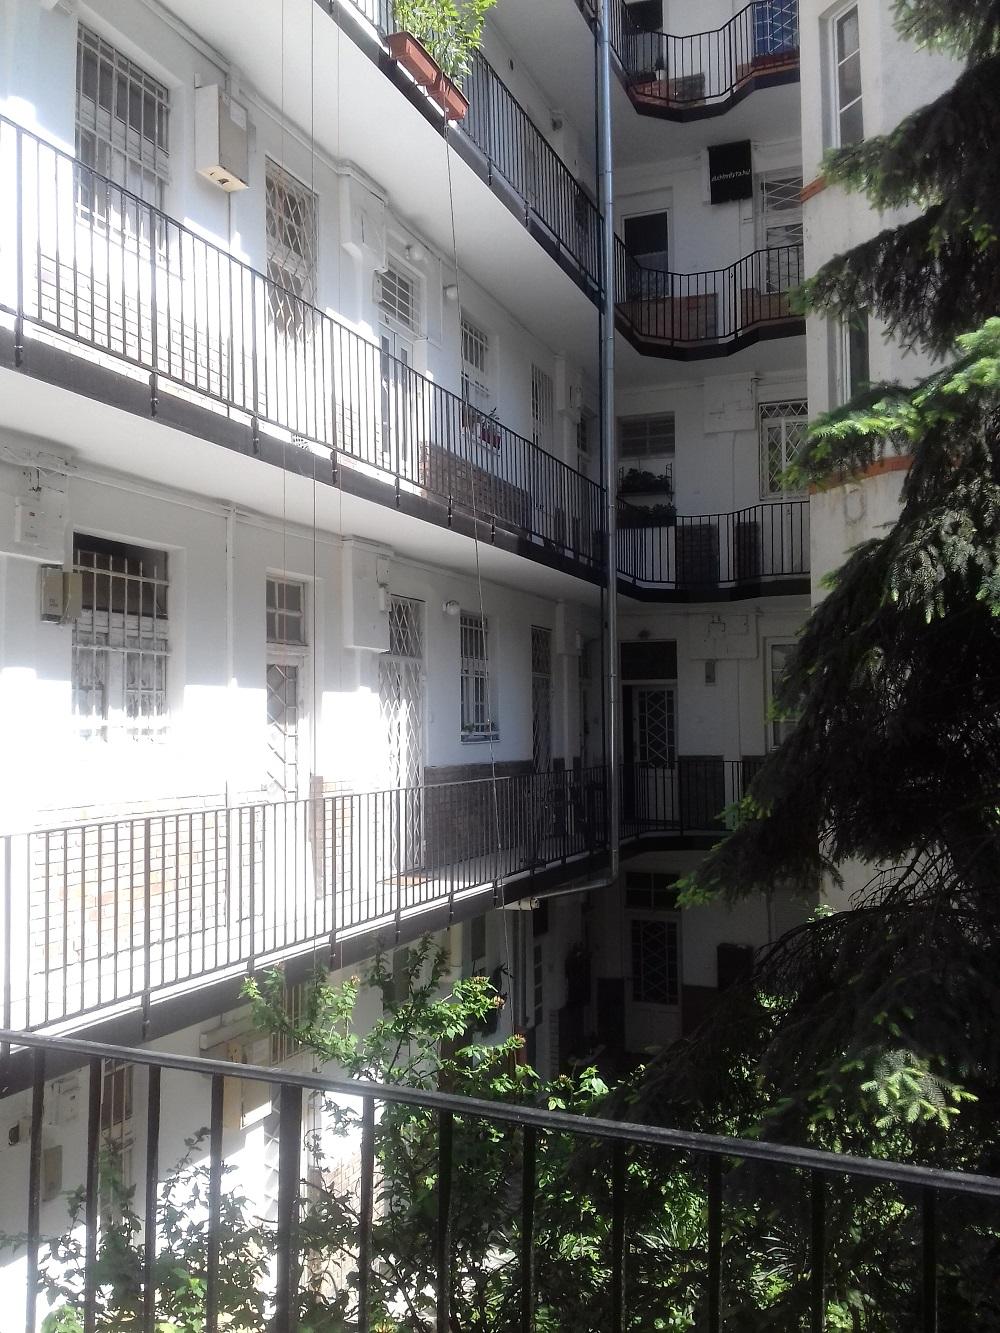 Eladó lakás 1135 Budapest 65m2 39,5M Ft Ingatlan kép: 1